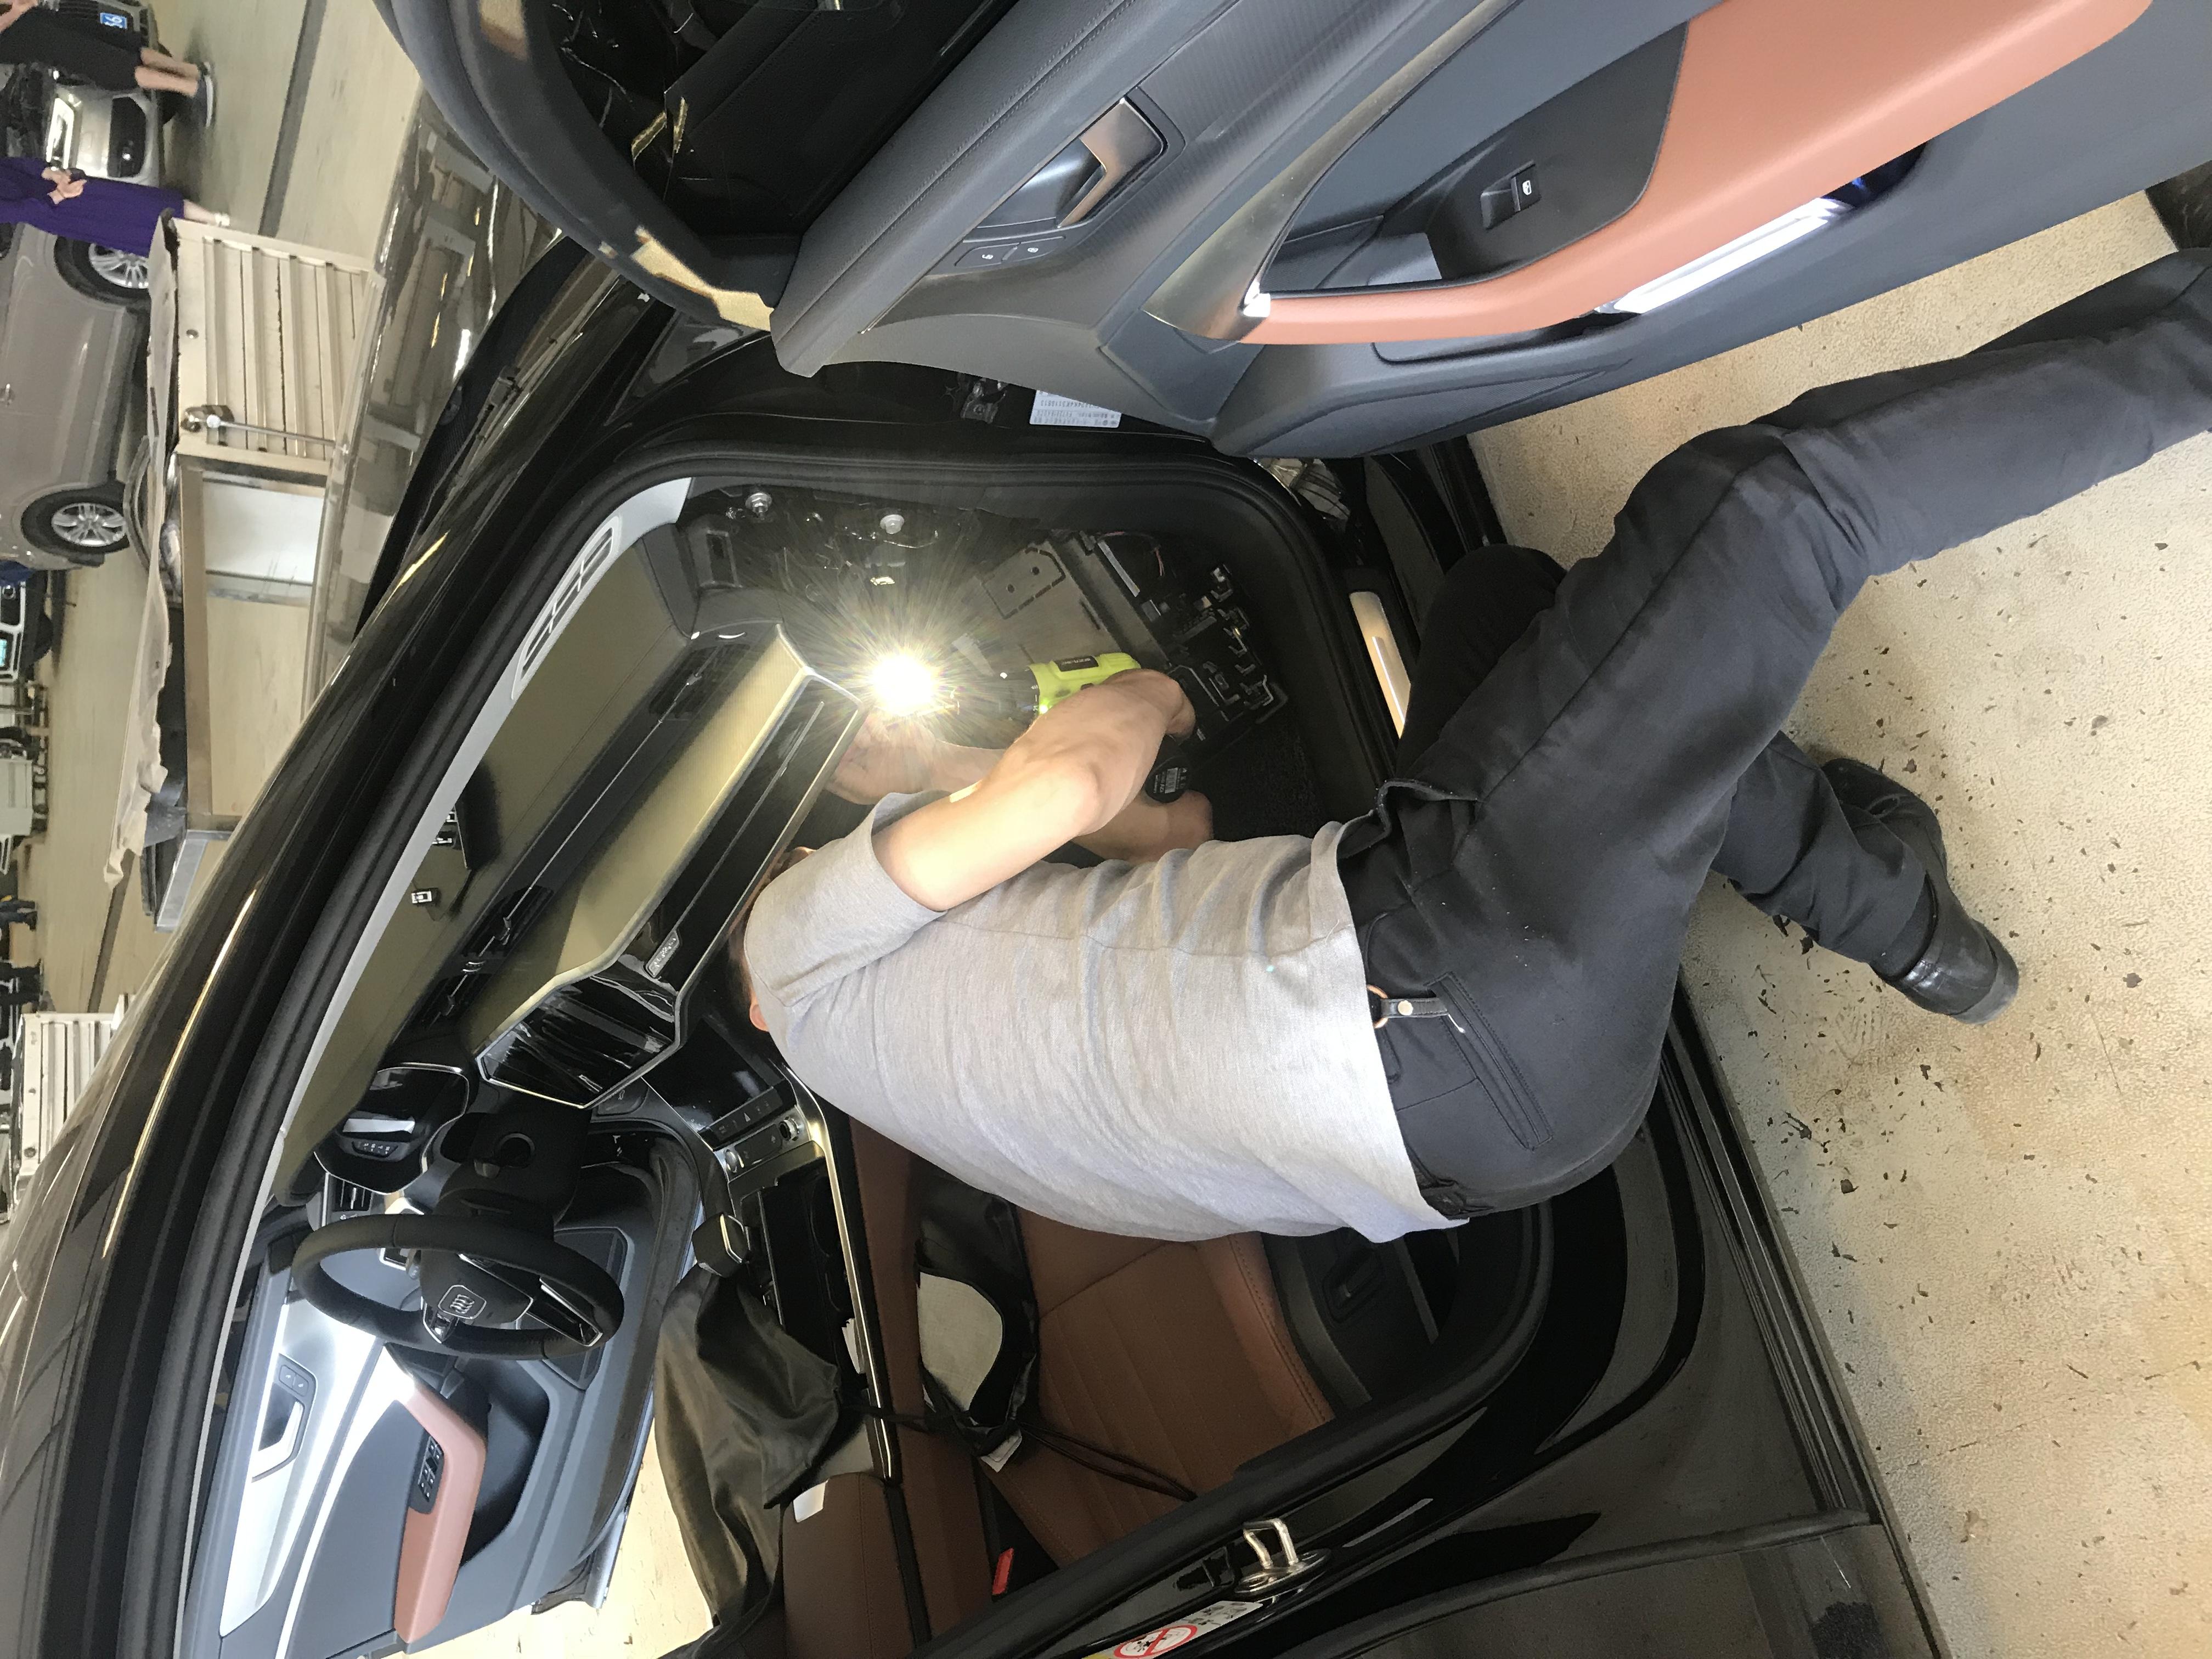 奥迪-奥迪A6L 车辆问题太多,新车就拆得乱七八糟了